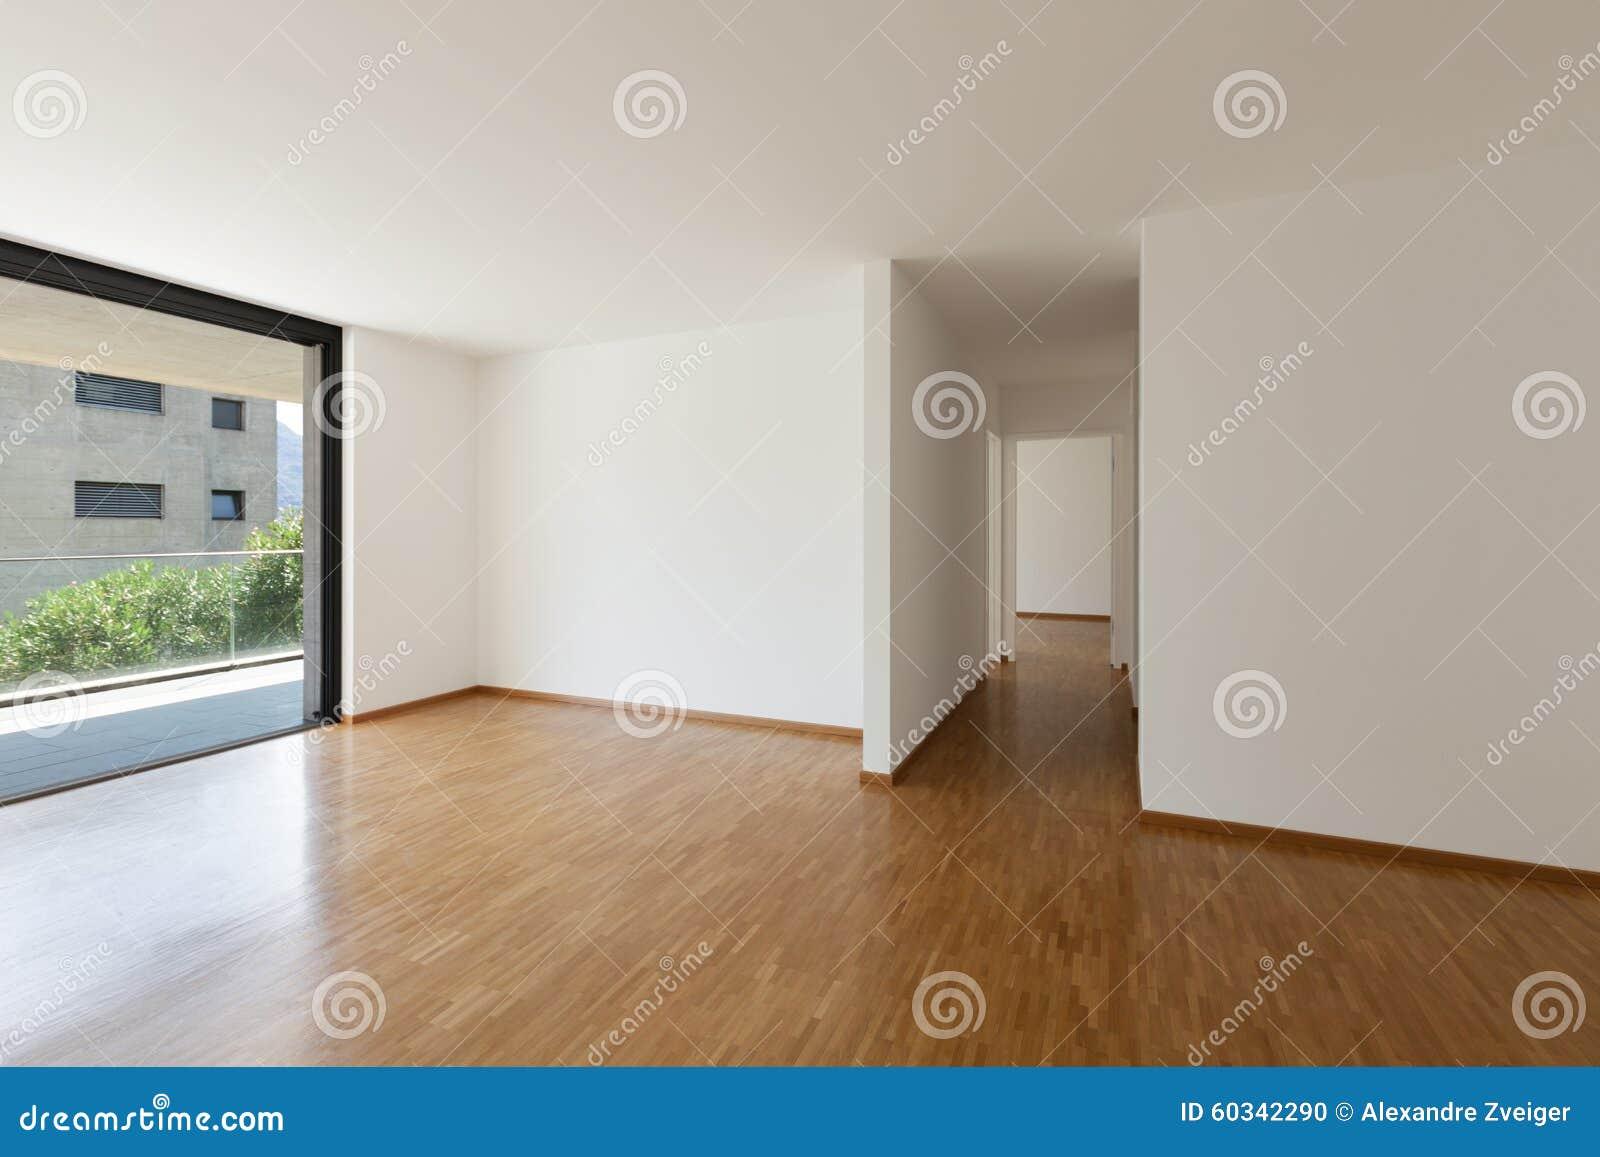 Leeres wohnzimmer mit balkon stockfoto bild von modern